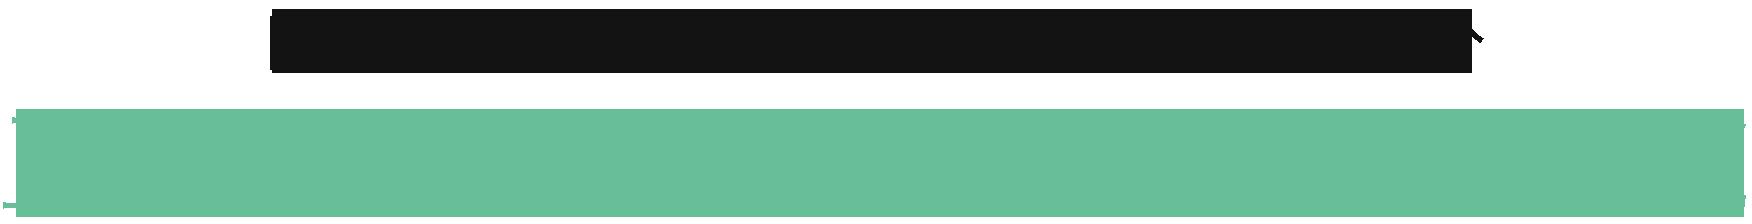 田園都市線「三軒茶屋駅」より徒歩2分 三軒茶屋 女性専門の治療系整体院香木堂